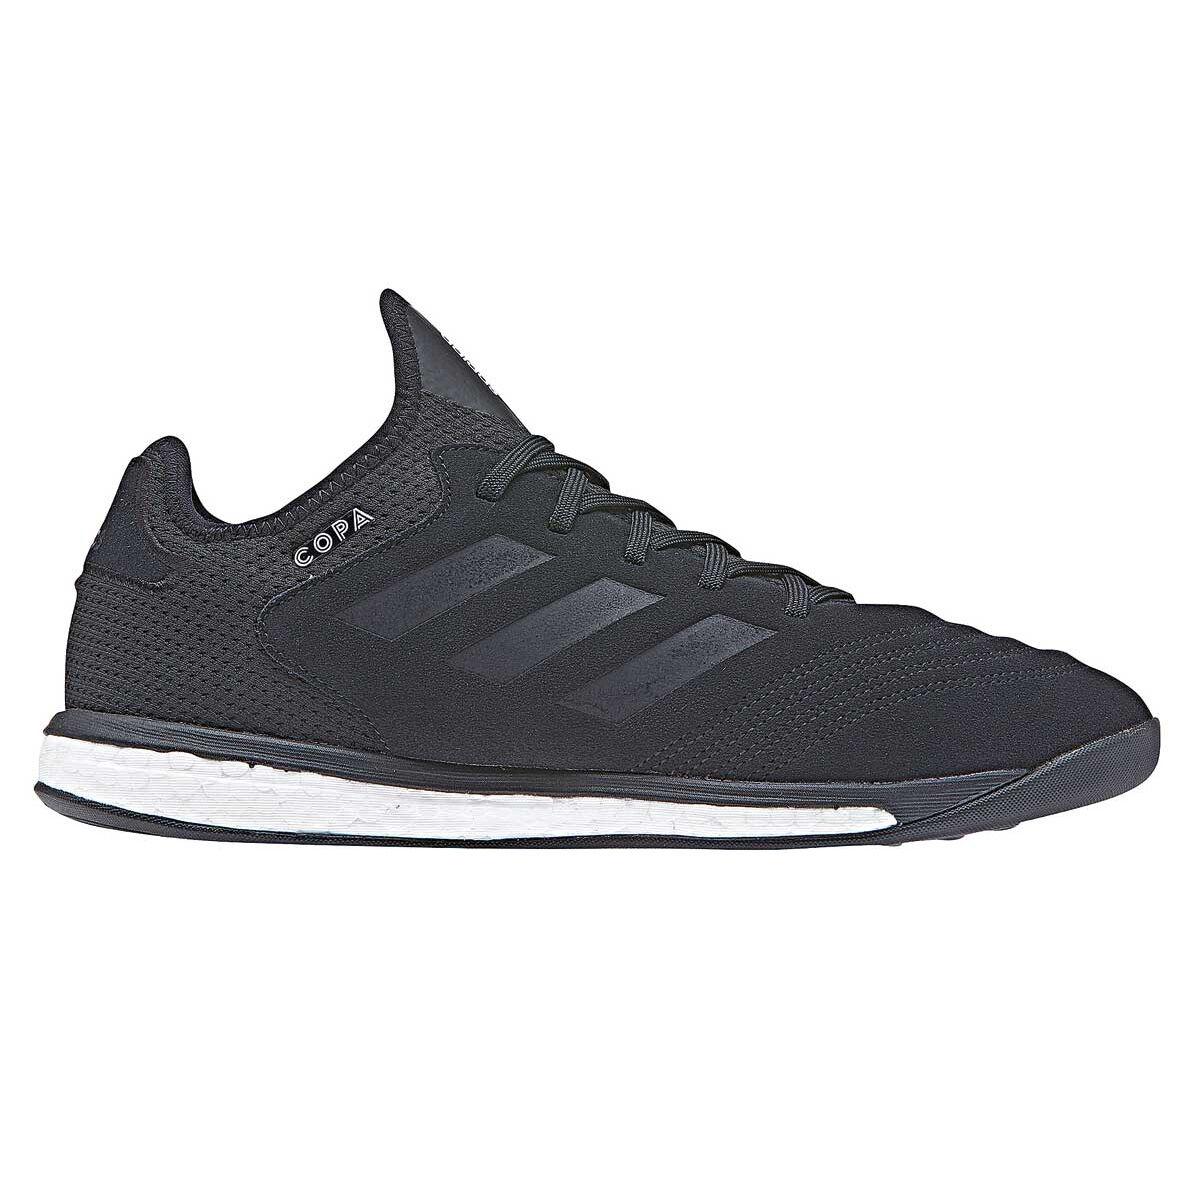 950f41268ca ... italy adidas copa tango 18.1 mens indoor soccer shoes rebelhi res d48a3  9a9dd